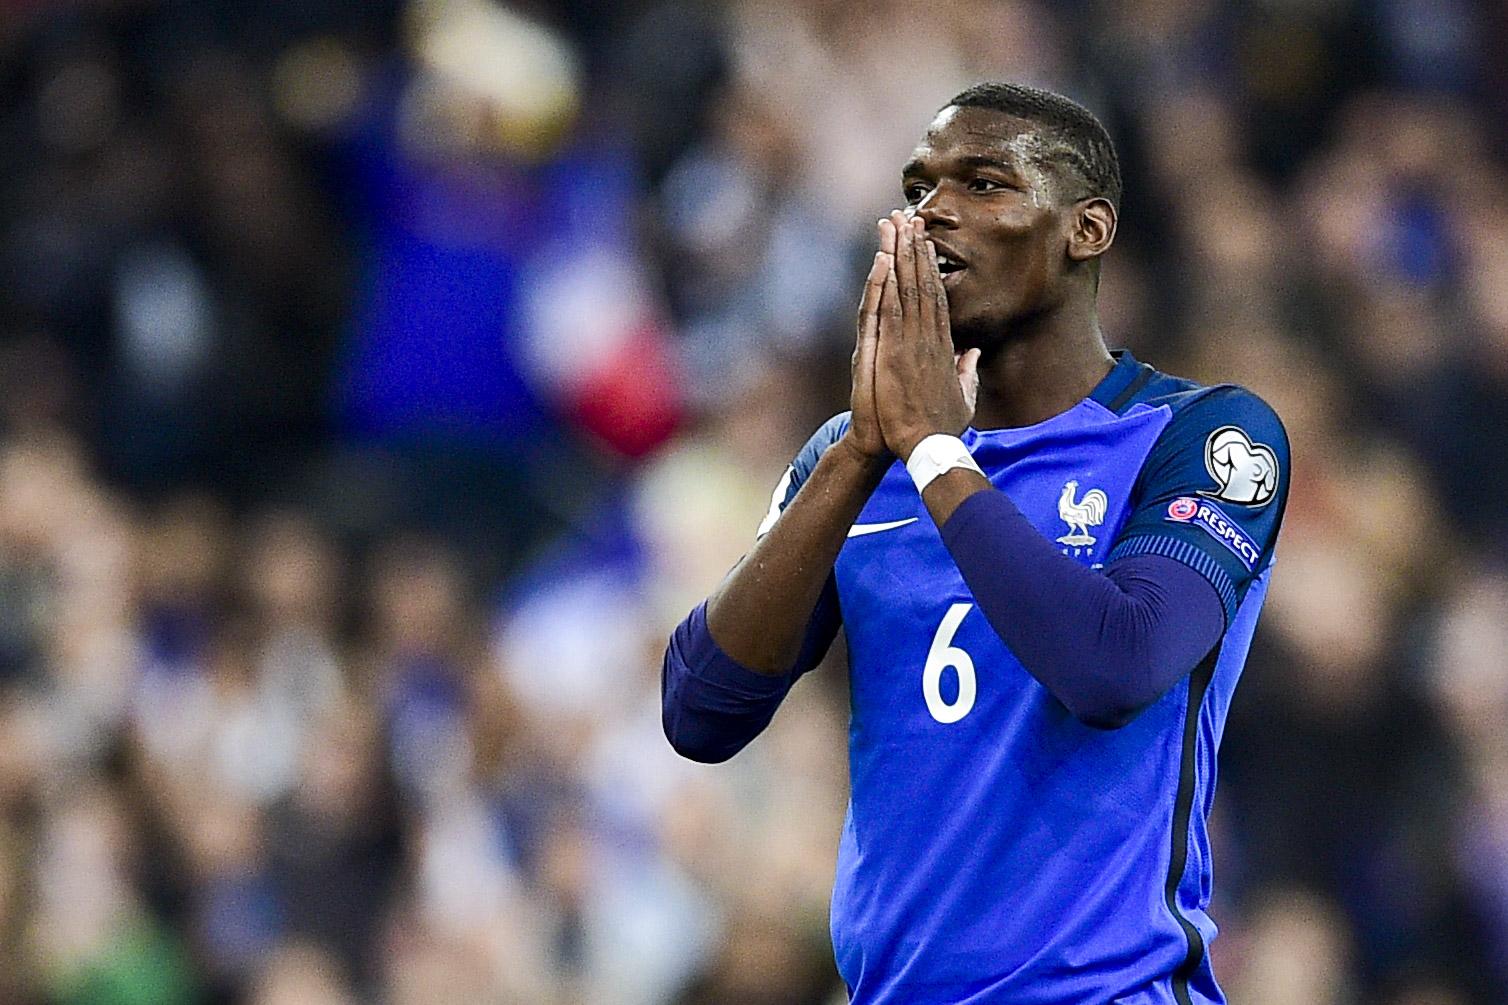 Football - Equipe de France - Débat : Deschamps doit-il mettre Pogba sur le banc ?